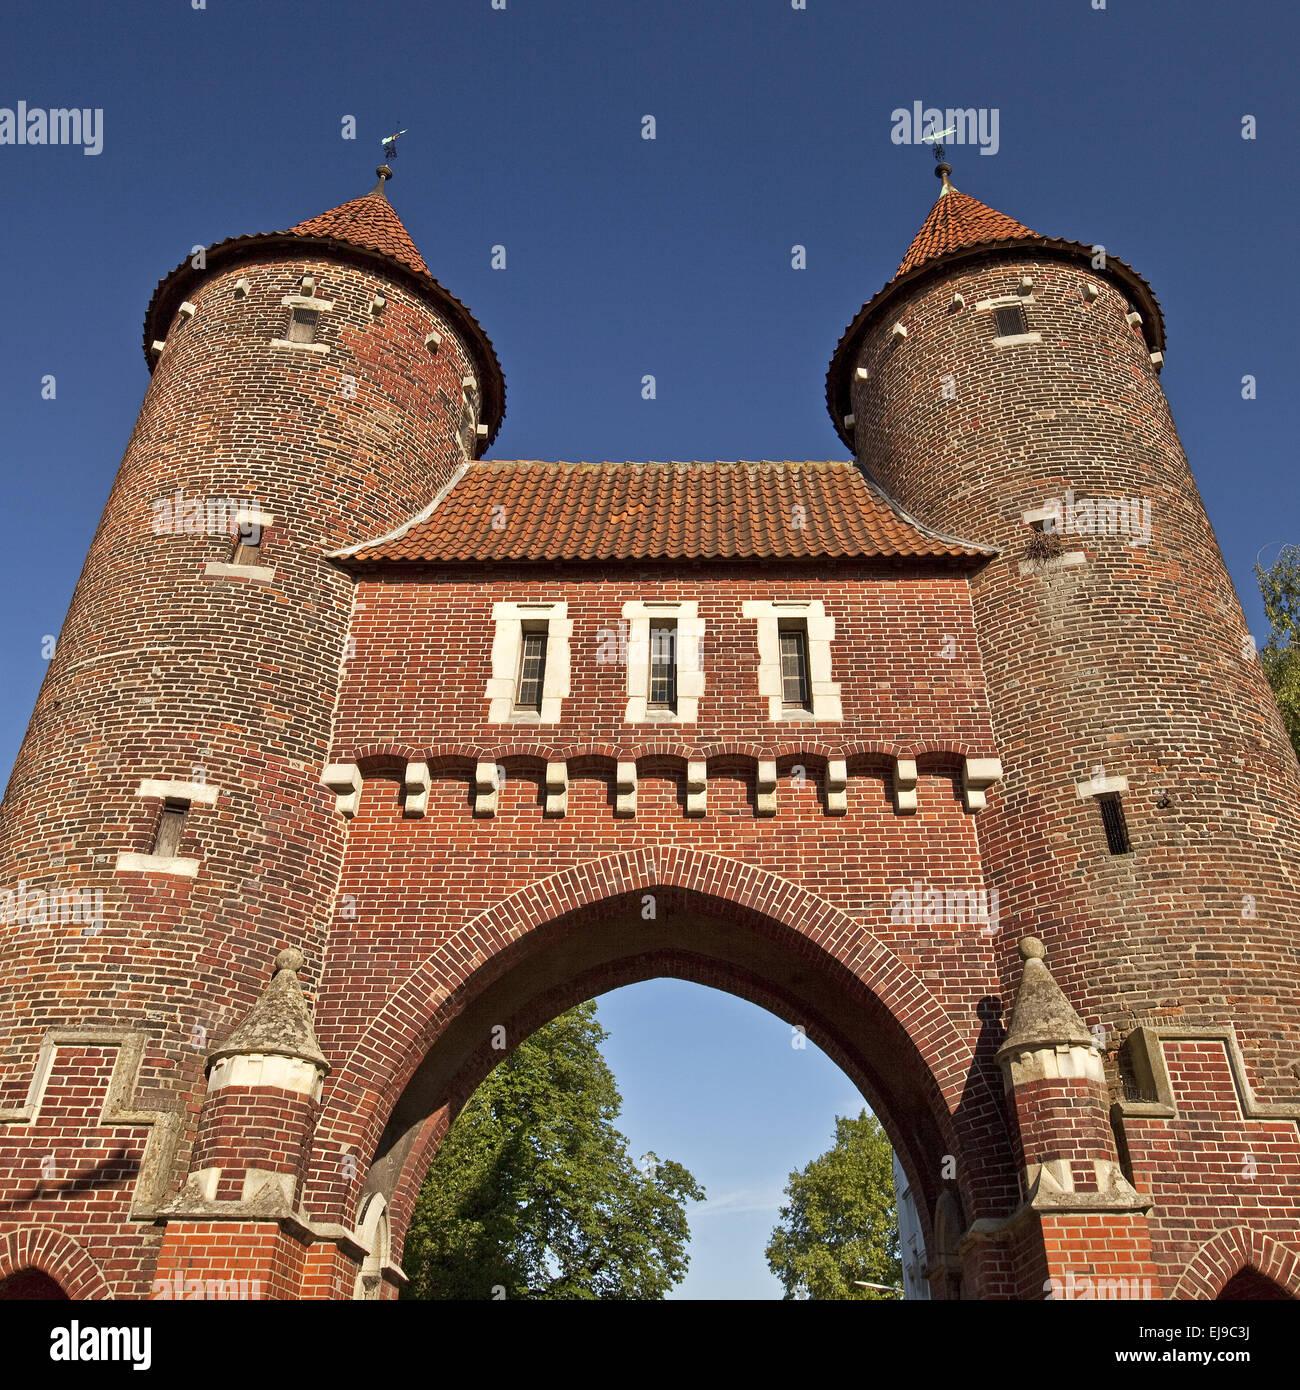 Luedinghauser gate, Duelmen, Germany - Stock Image